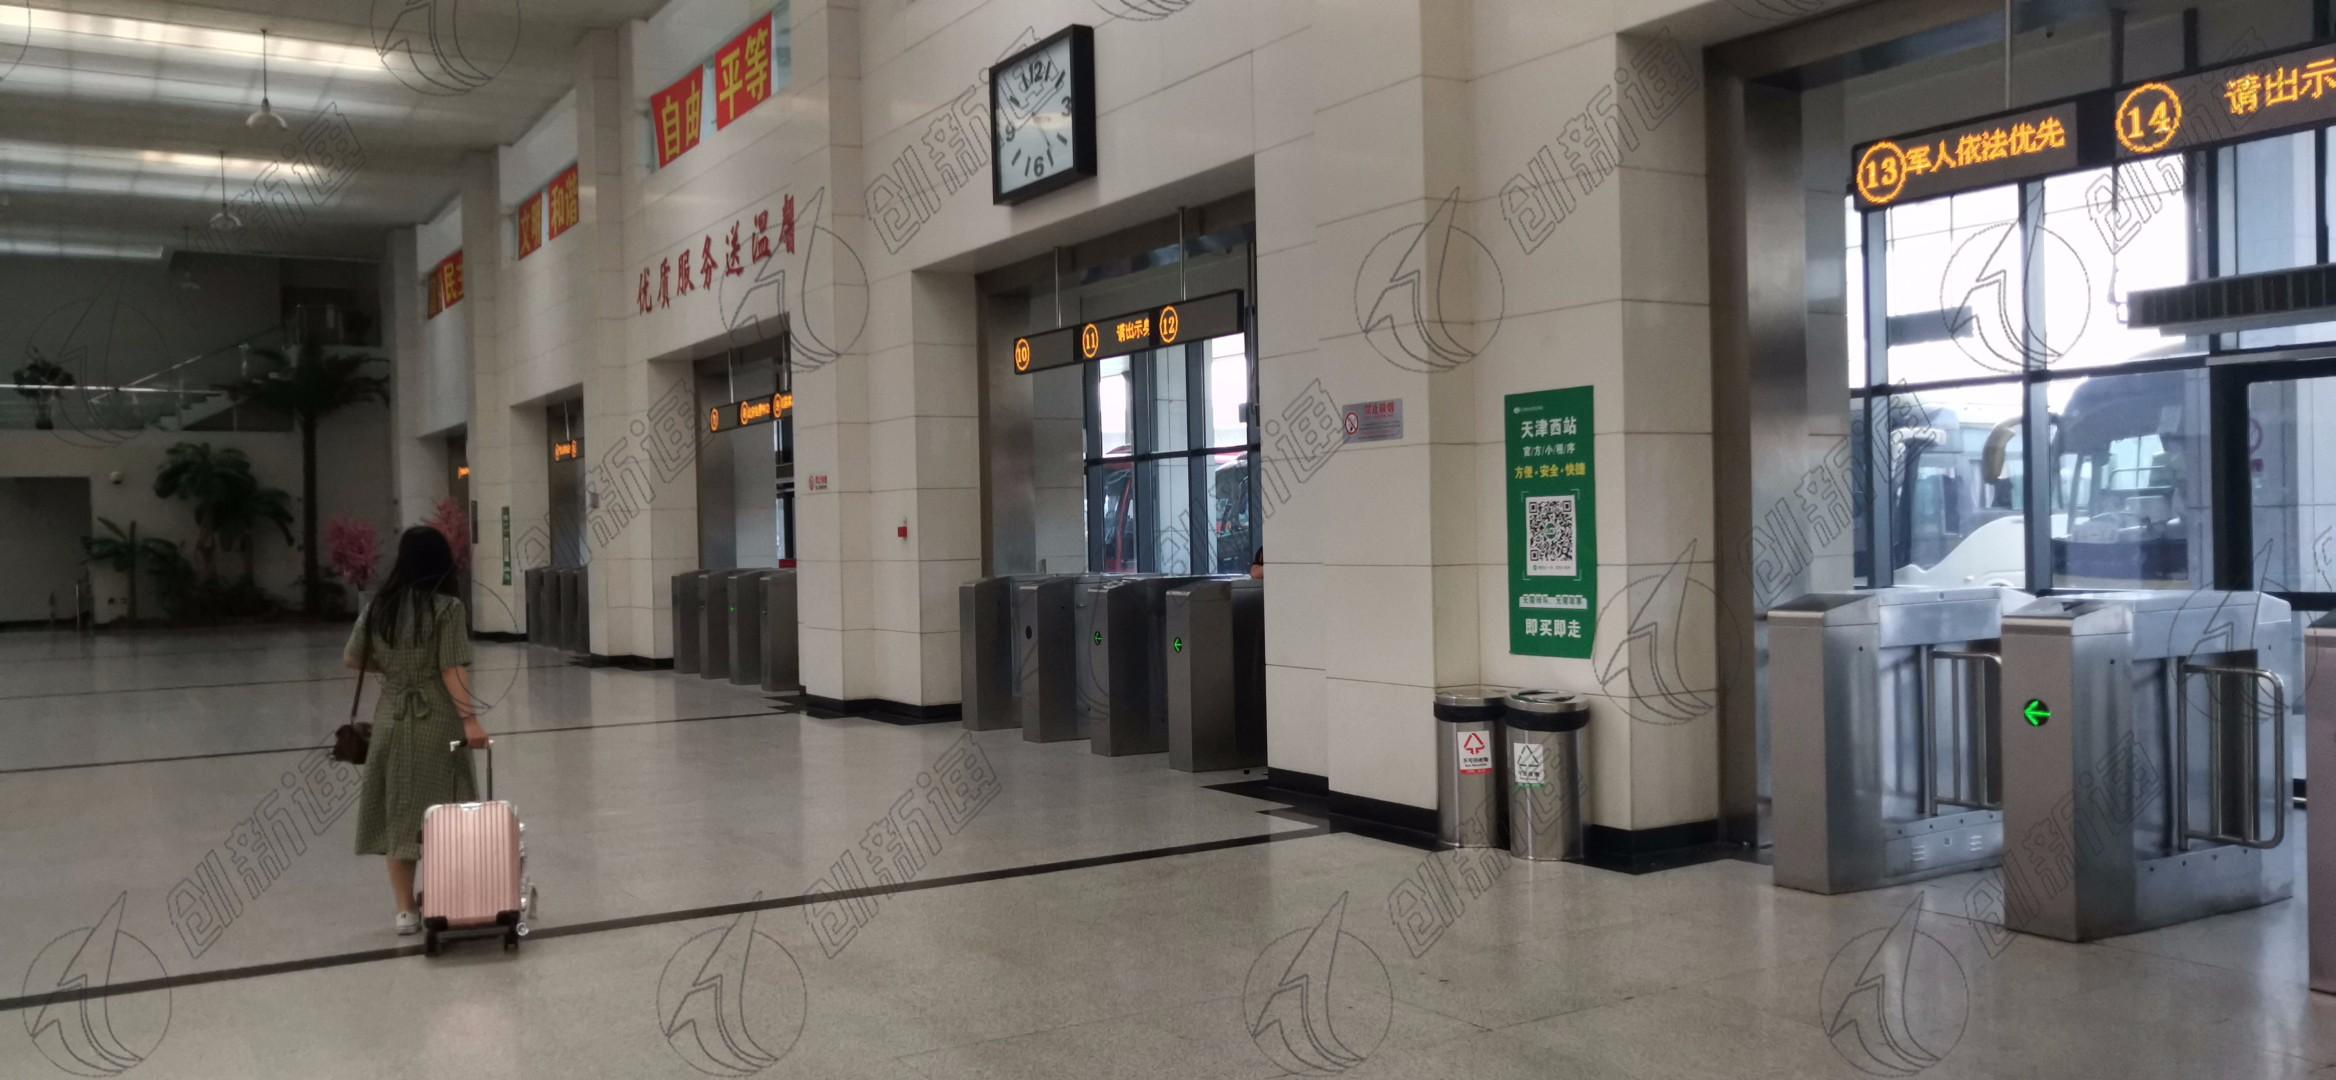 天津西客运站定制摆闸案例|创新通